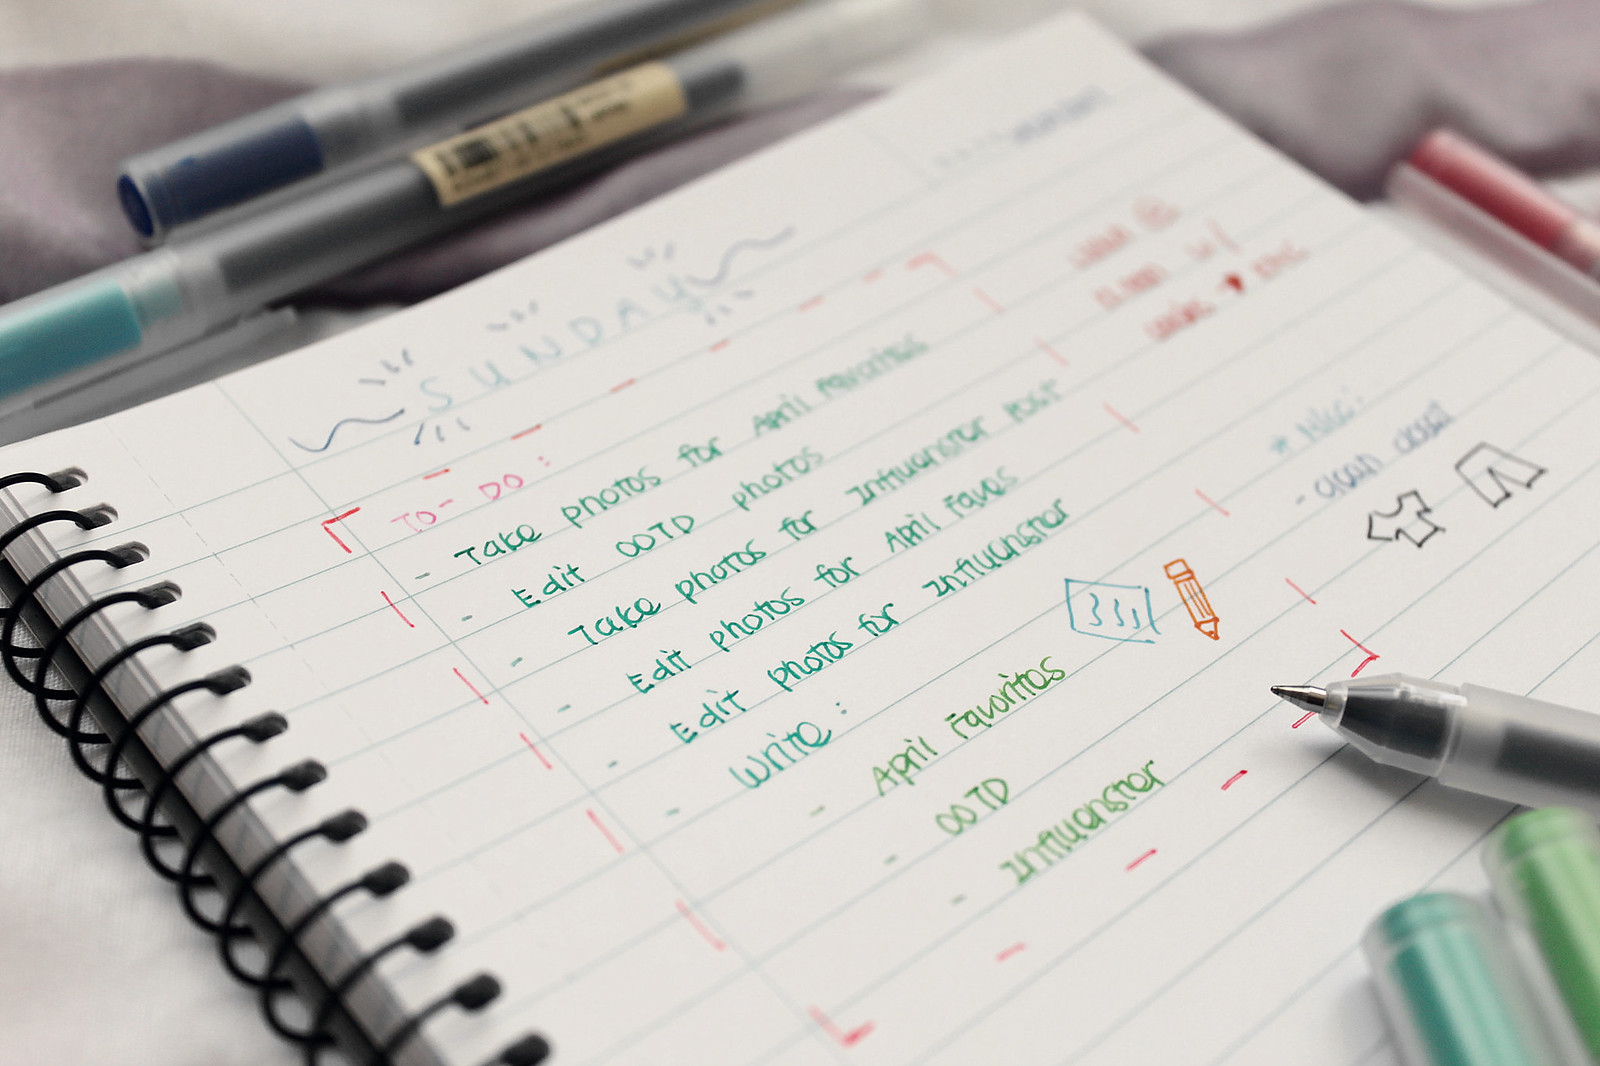 4113-muji-pens-stationary-lifestyle-japanese-clothestoyouuu-elizabeeetht-flatlay